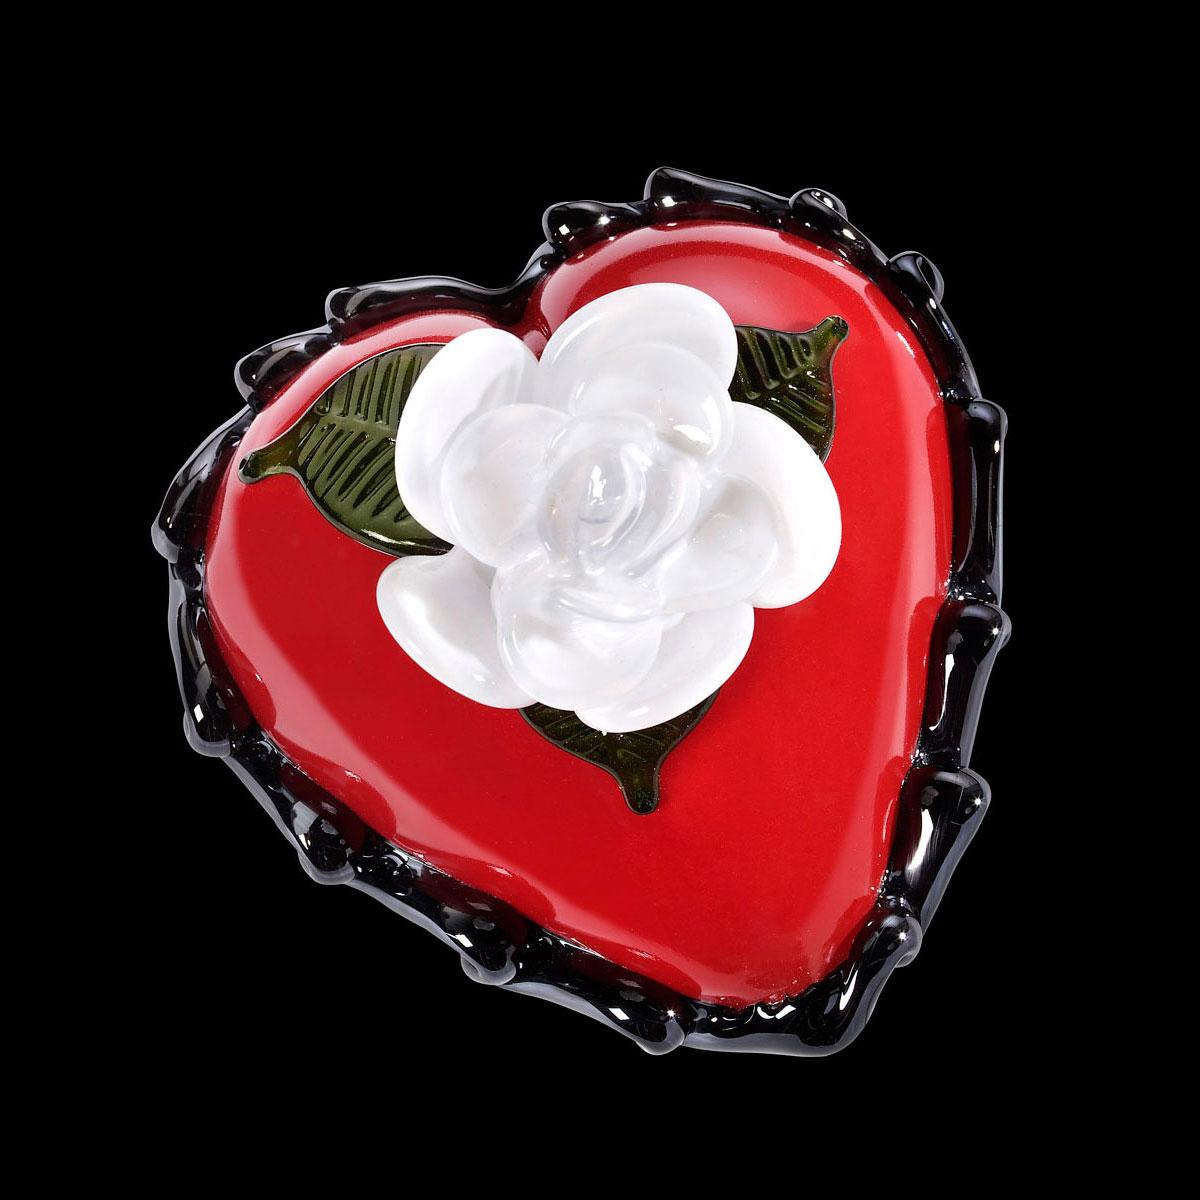 Kosta Boda Art Glass Ludvig Lofgren Old School, Red Heart